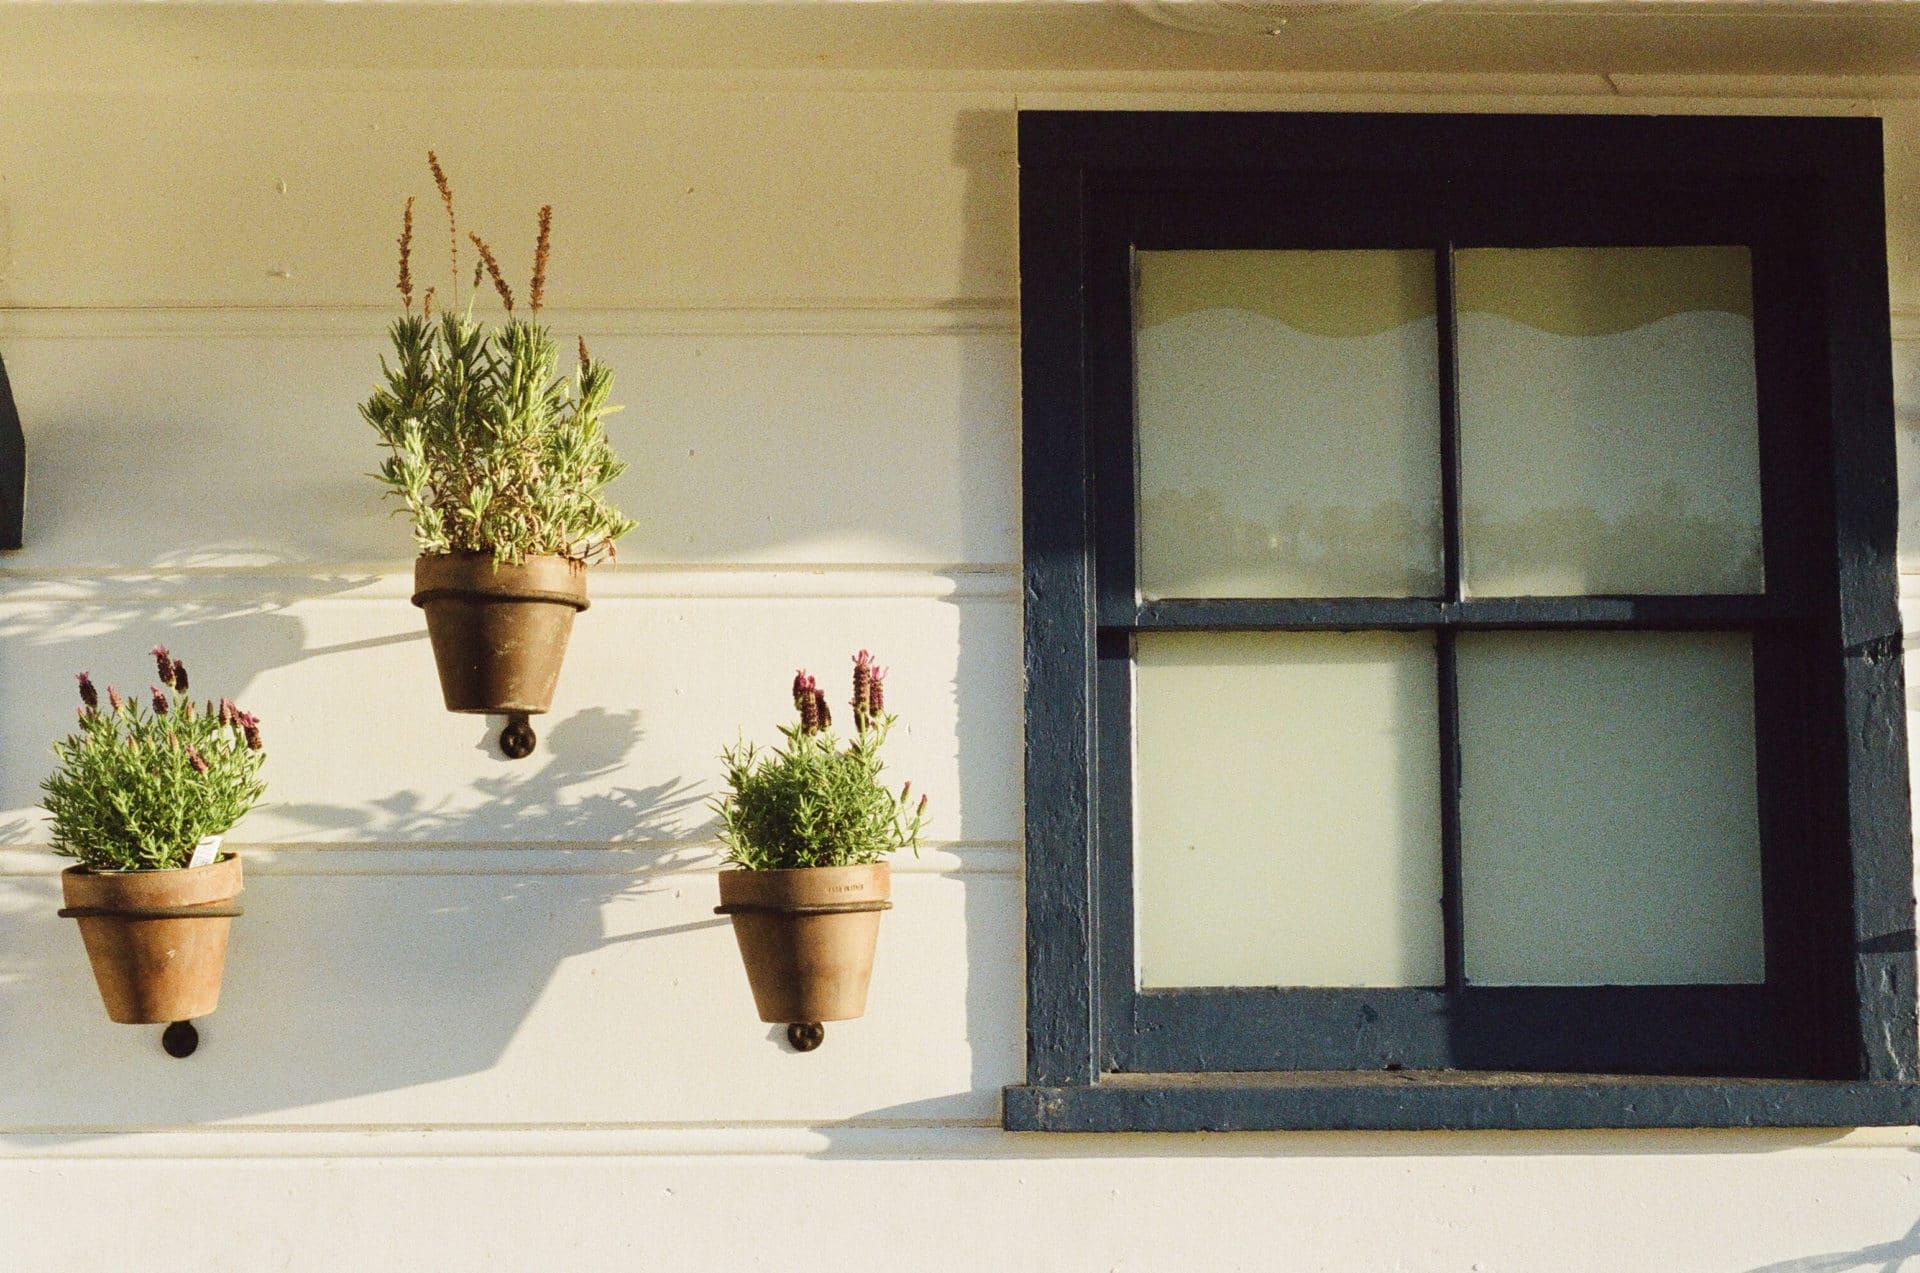 Nachträglicher Schallschutz für Fenster – Schalldämmung erklärt